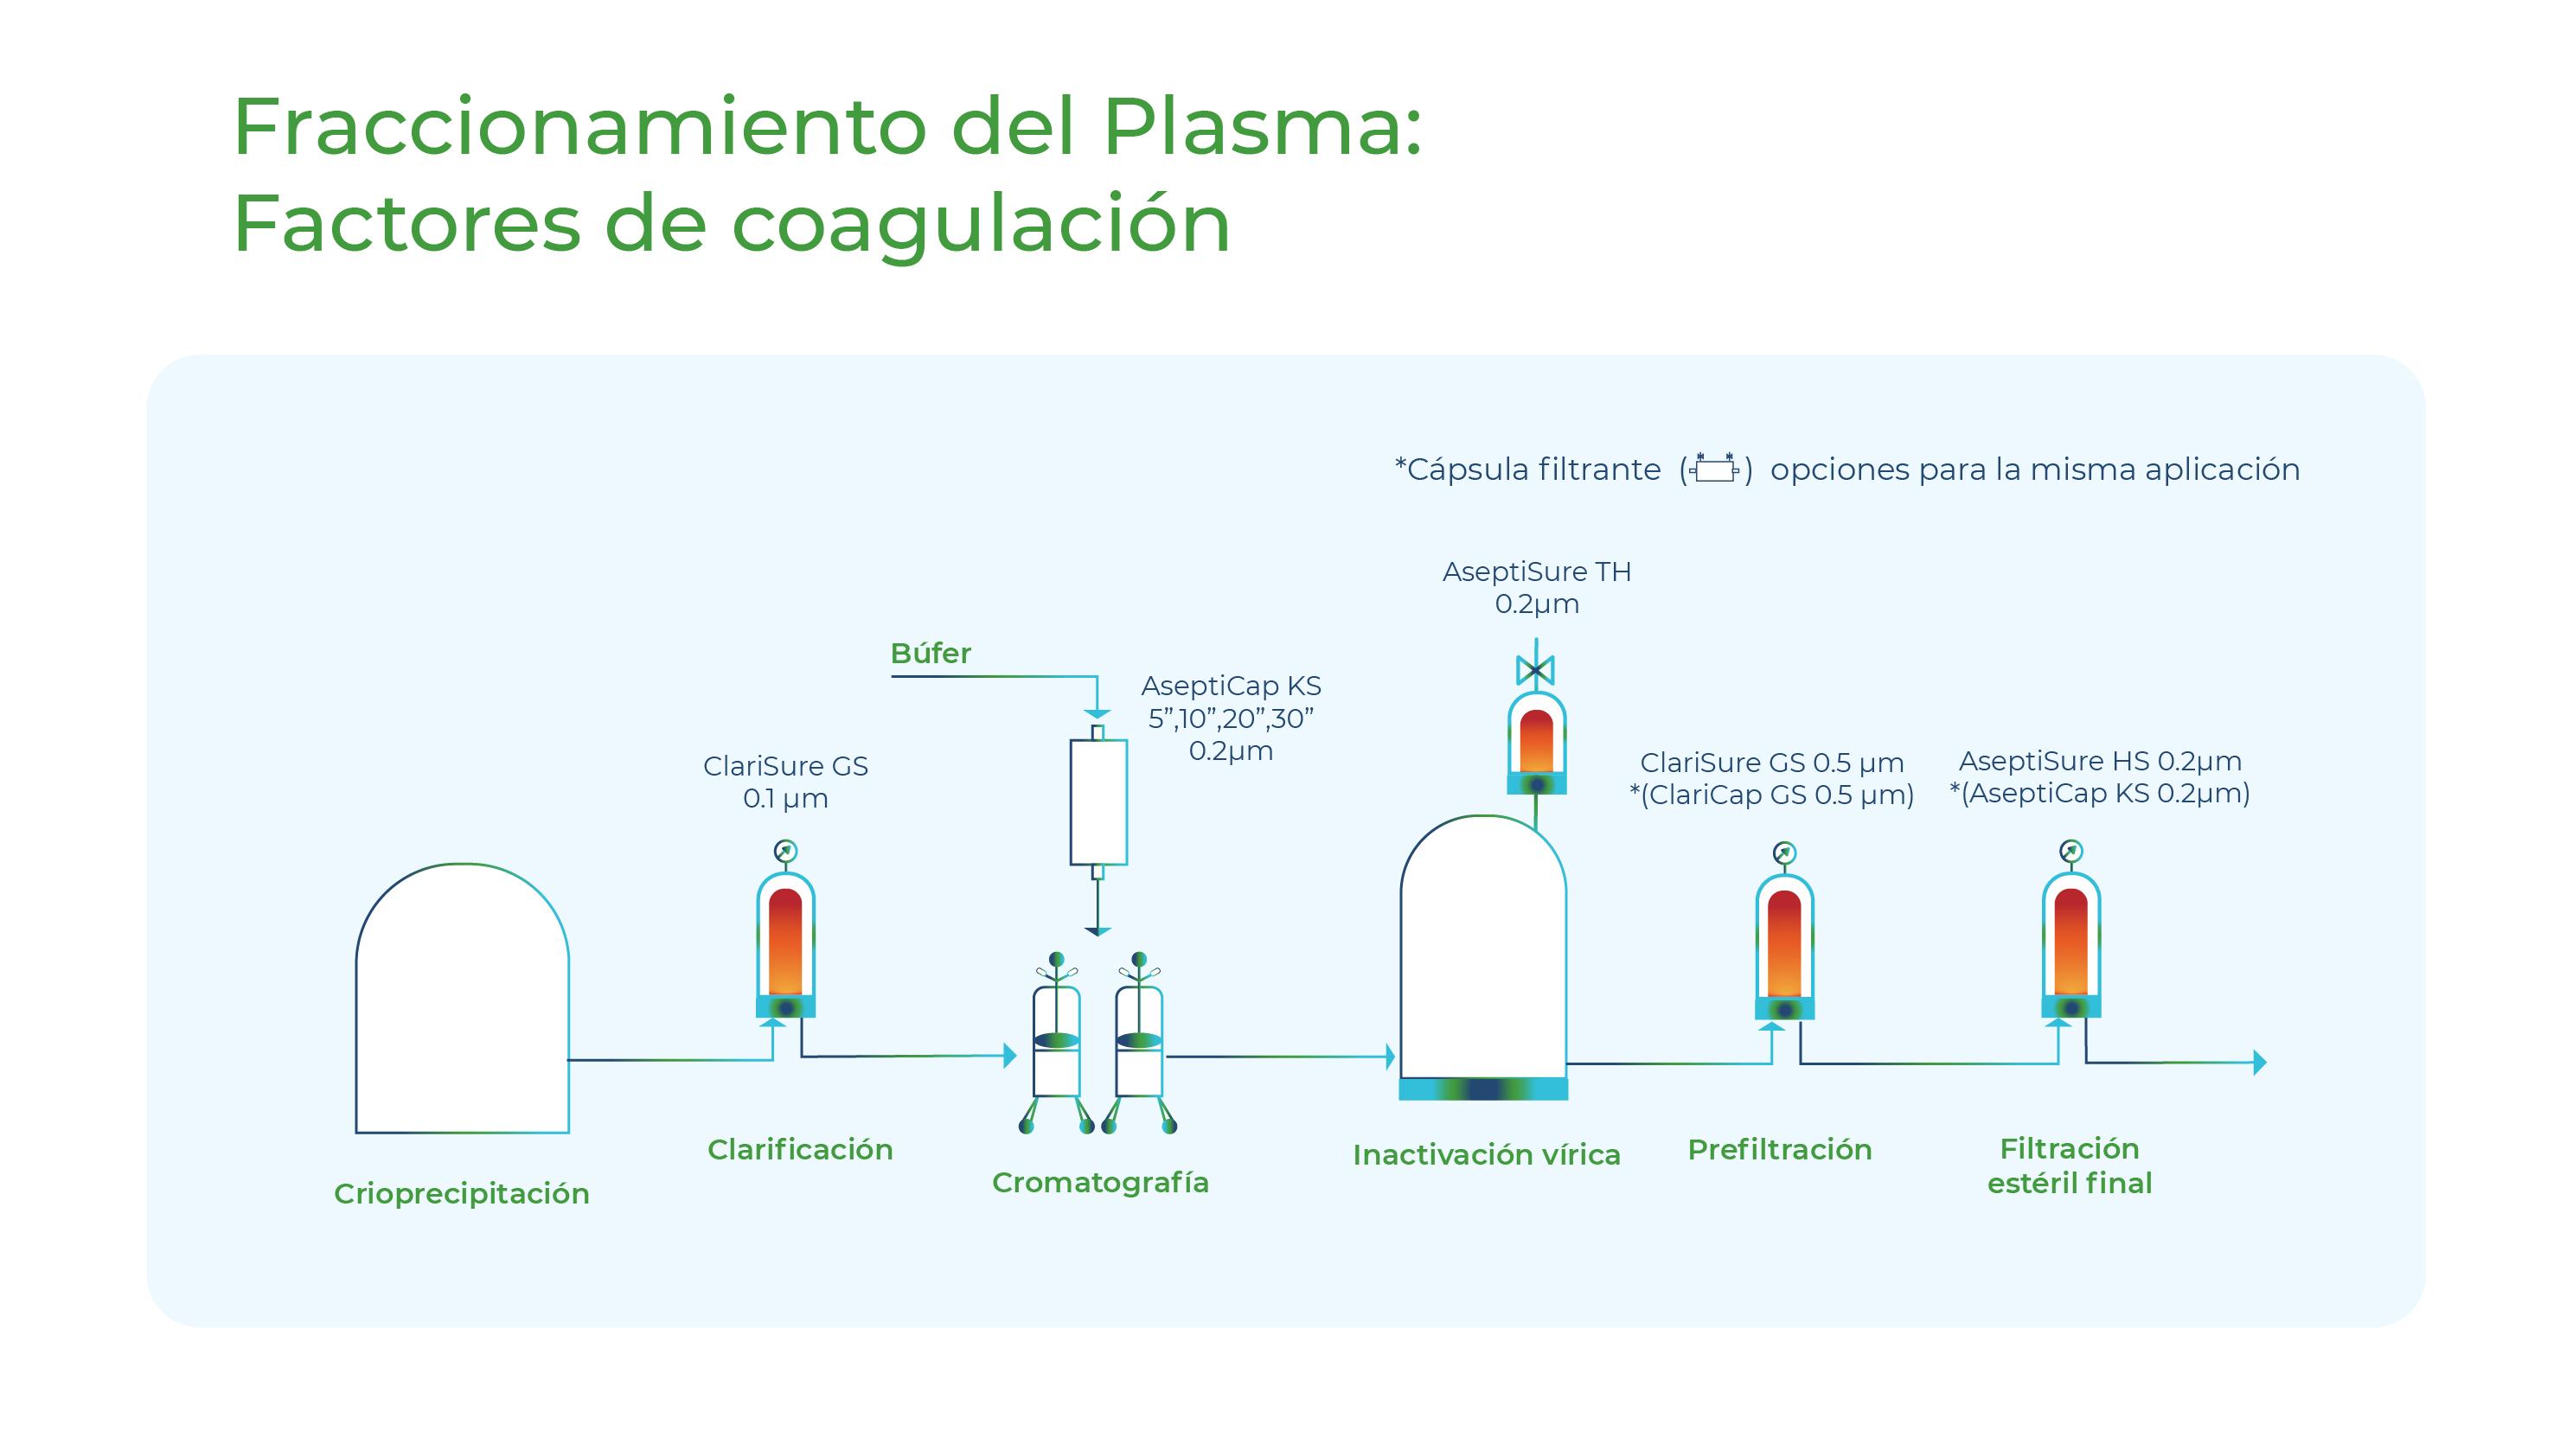 Diagrama Fraccionamiento del plasma, factores de coagulacion